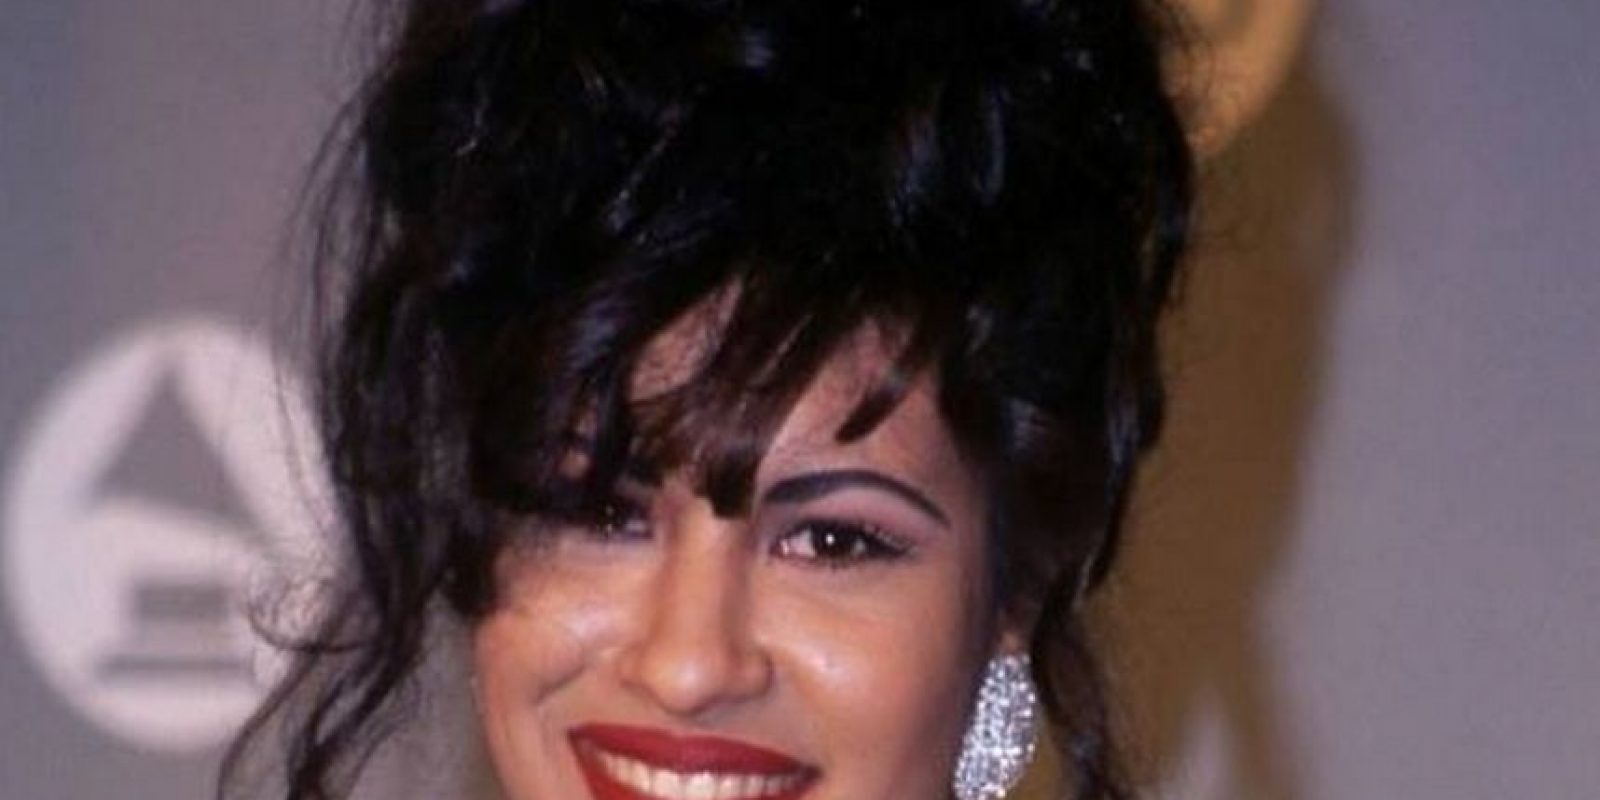 Se encontraba en la cúspide de su carrera cuando falleció Foto:Vía facebook.com/selenalaleyenda